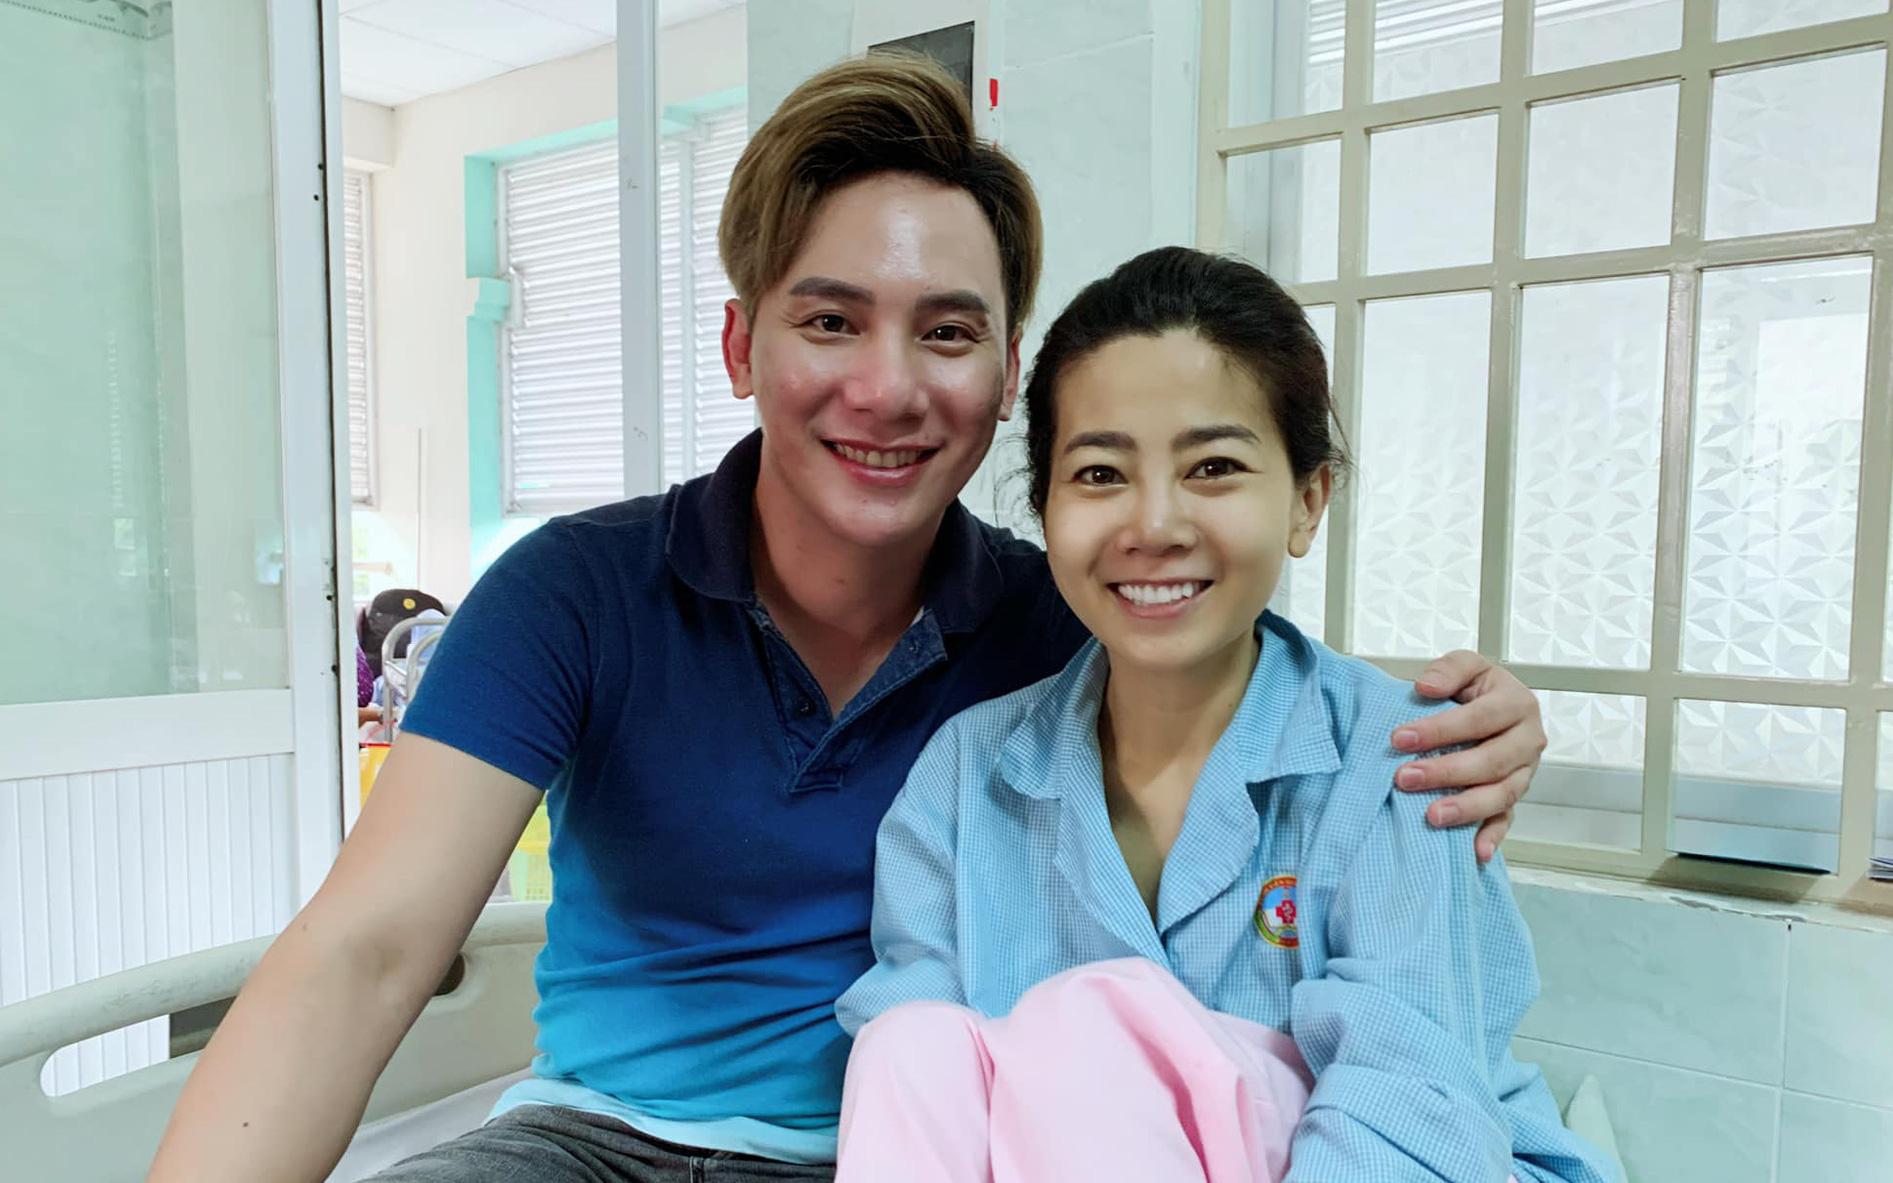 Bạn thân chia sẻ hình ảnh đầu tiên của Mai Phương trong bệnh viện, xót xa tiết lộ tình hình sức khoẻ hiện tại